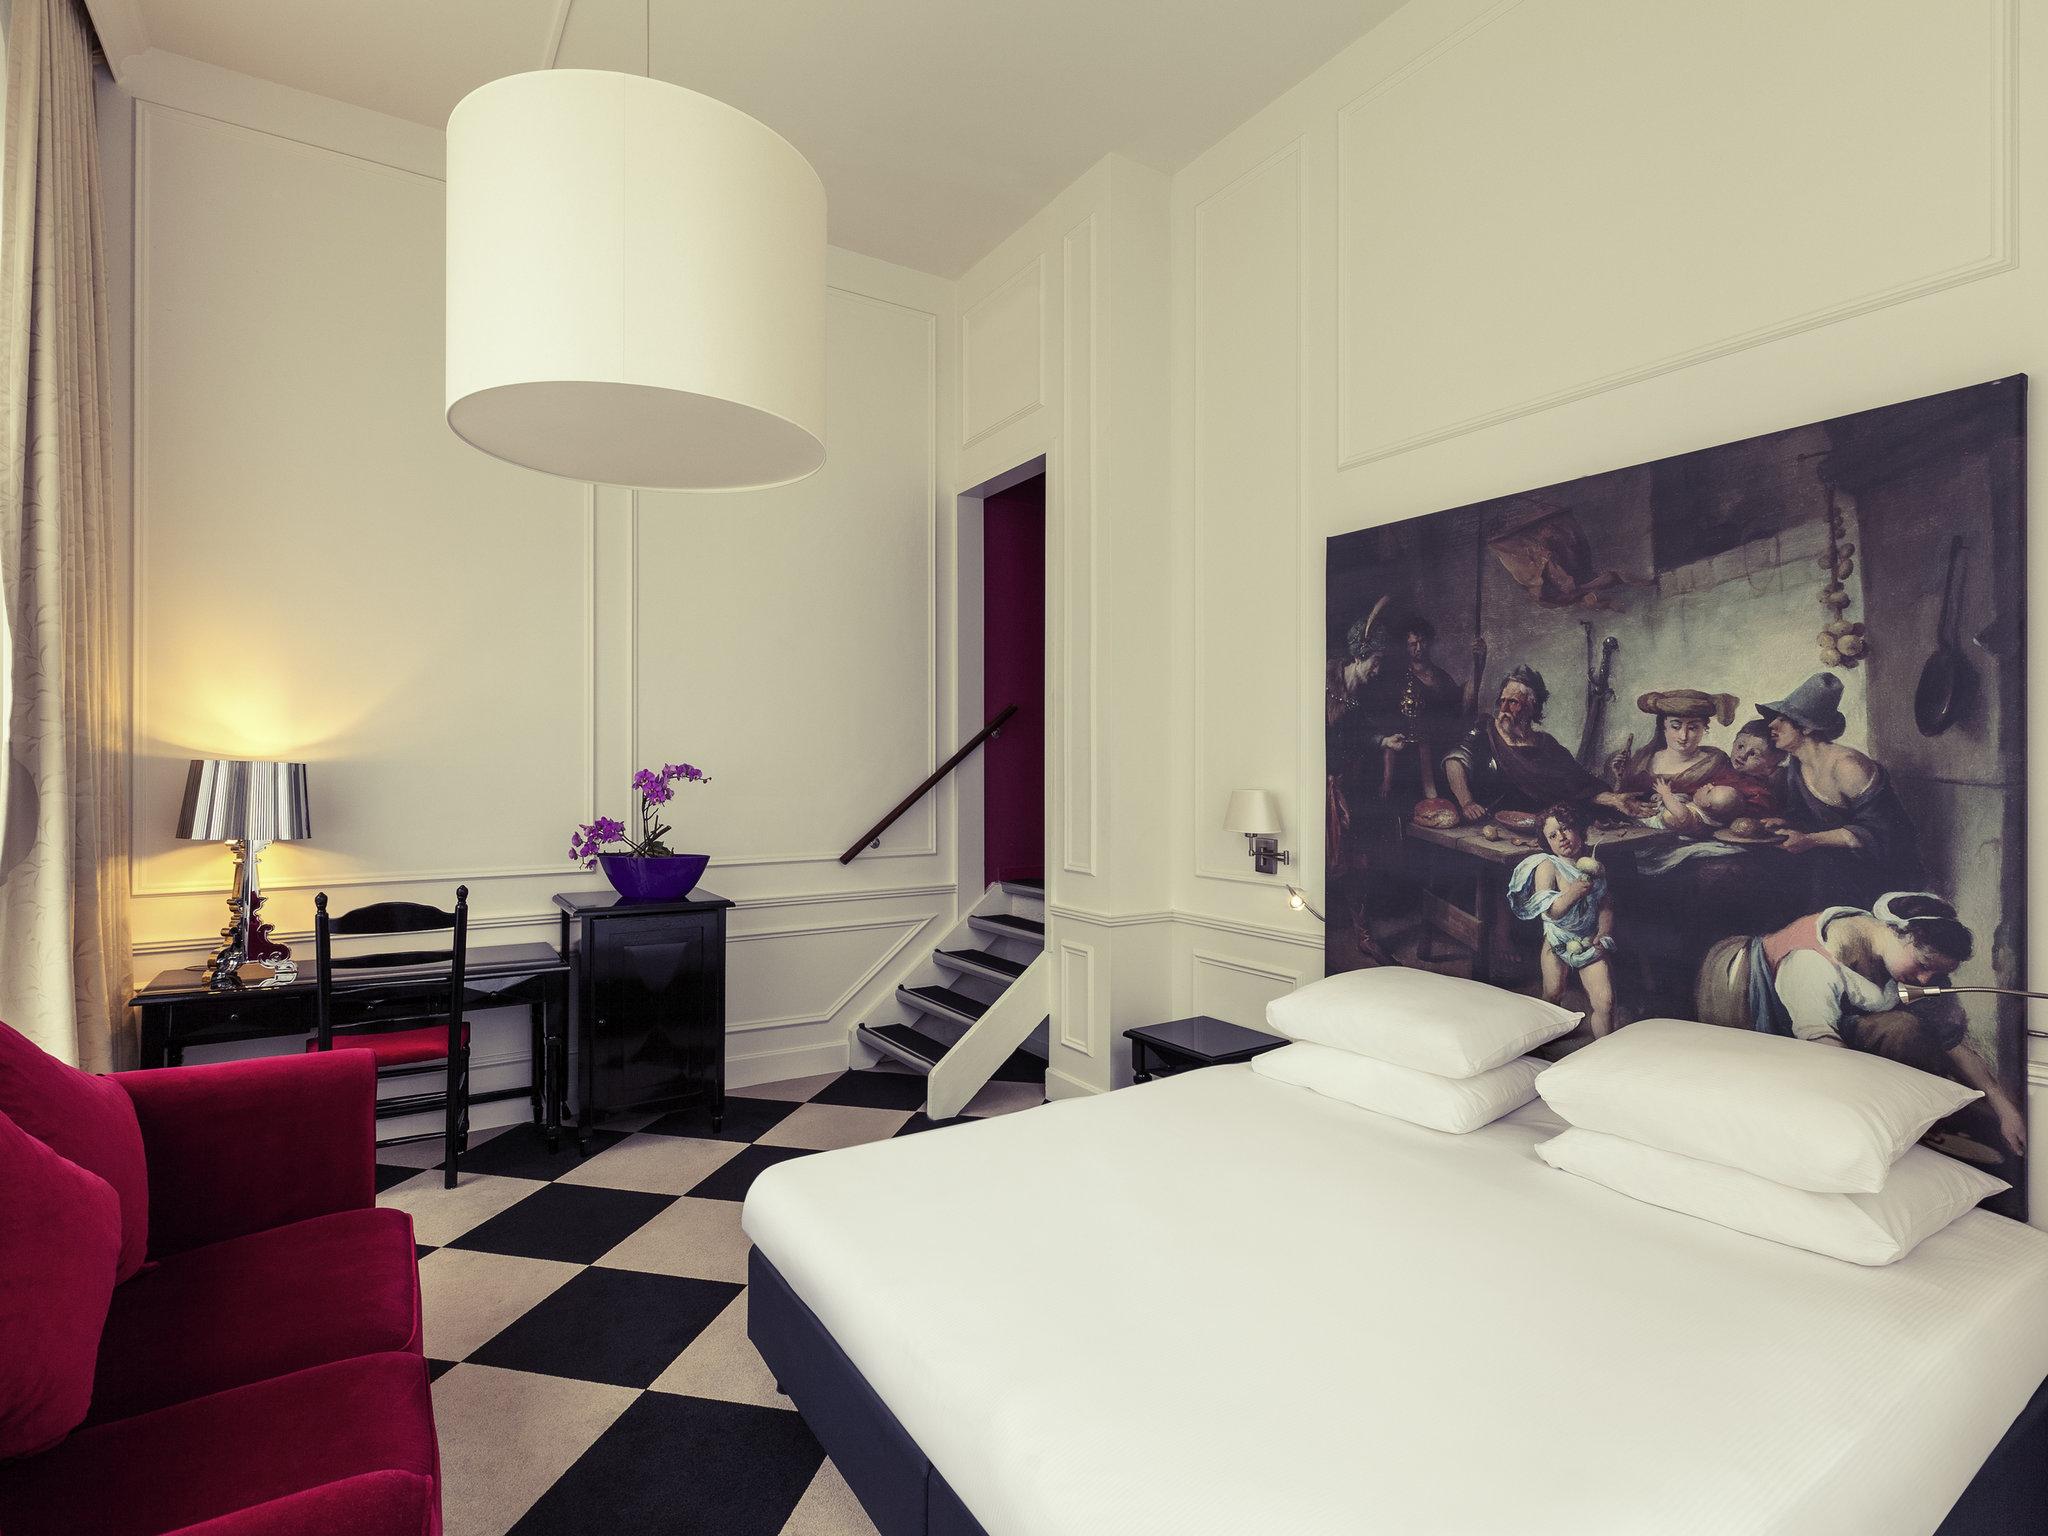 ホテル – メルキュール アムステルダム センター カナル ディストリクト